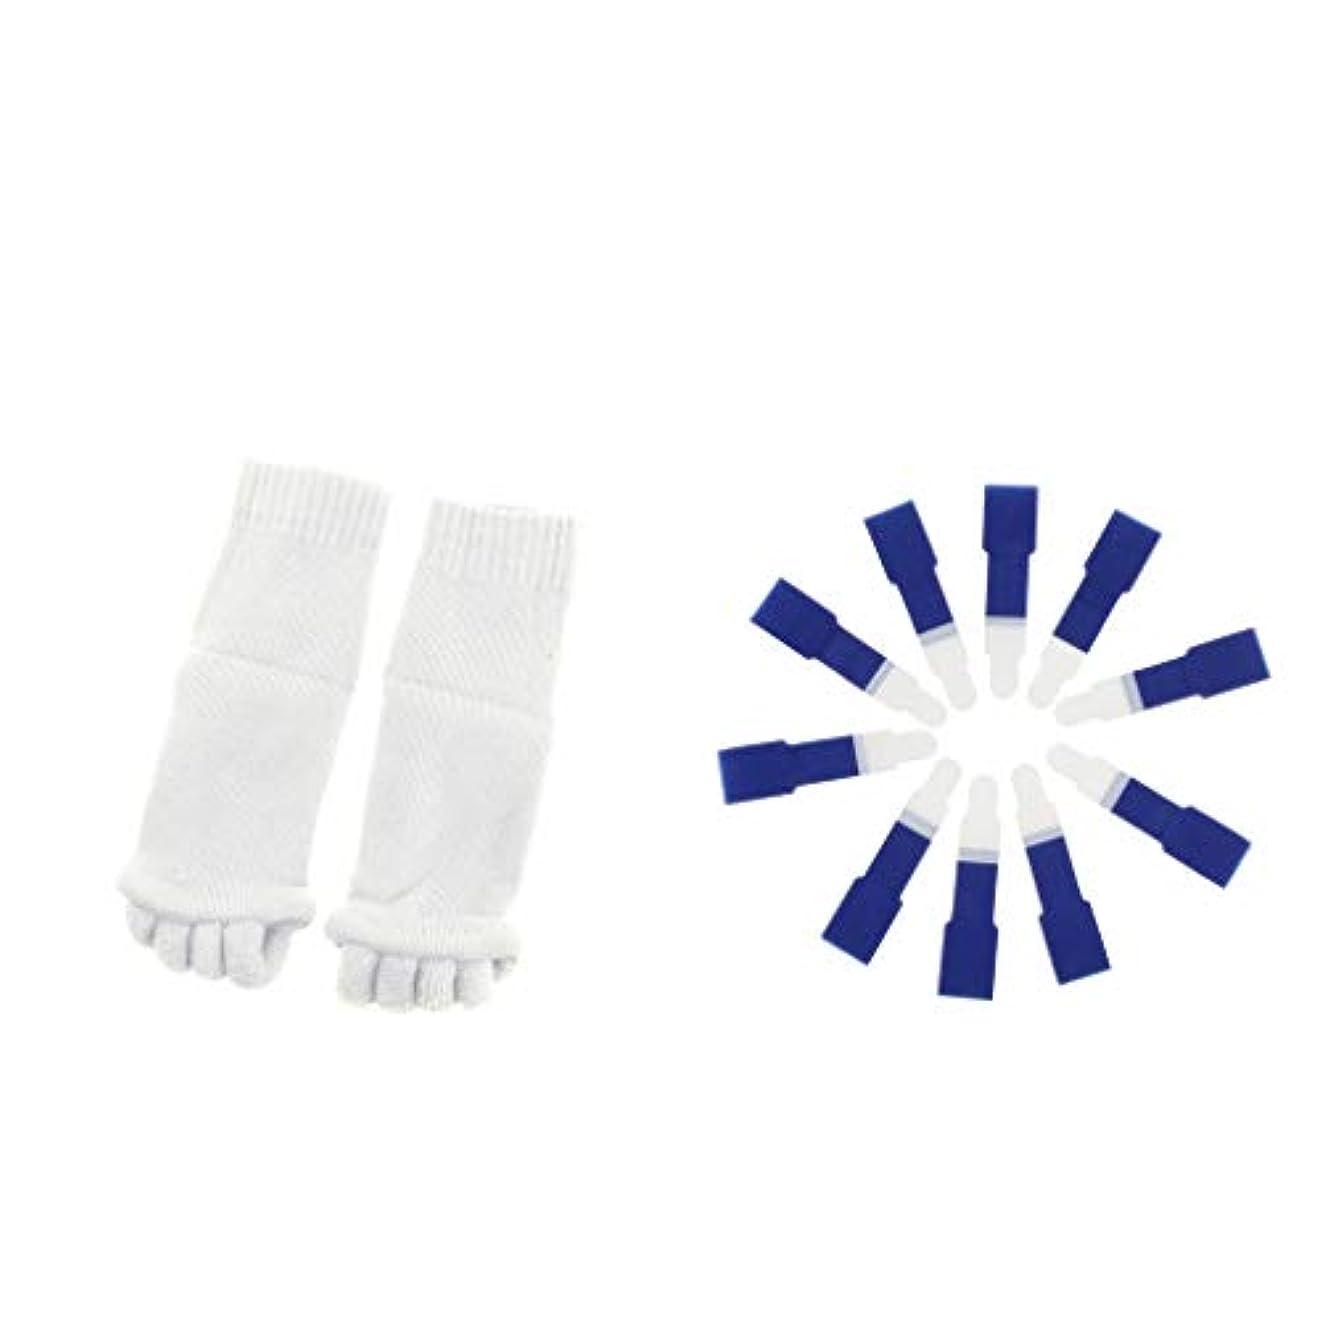 突撃シャッター平らなdailymall ヨガジムスポーツソックスと洗えるハンマーつま先セパレータースプリント包帯